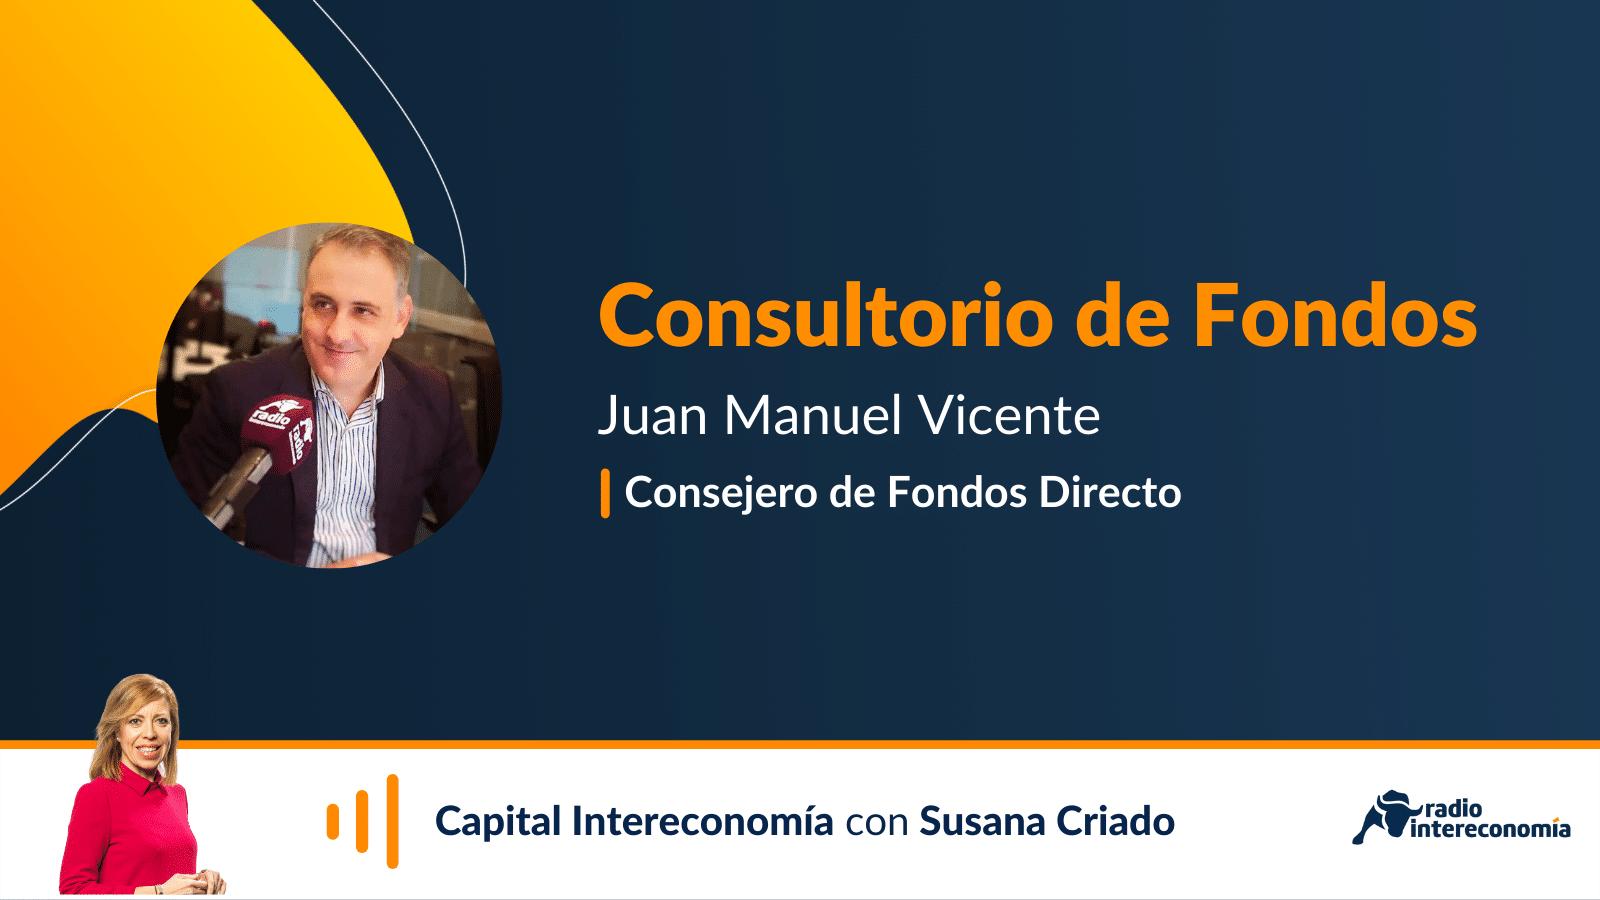 Consultorio de Fondos con Juan Manuel Vicente(Fondos Directo) 26/10/2021